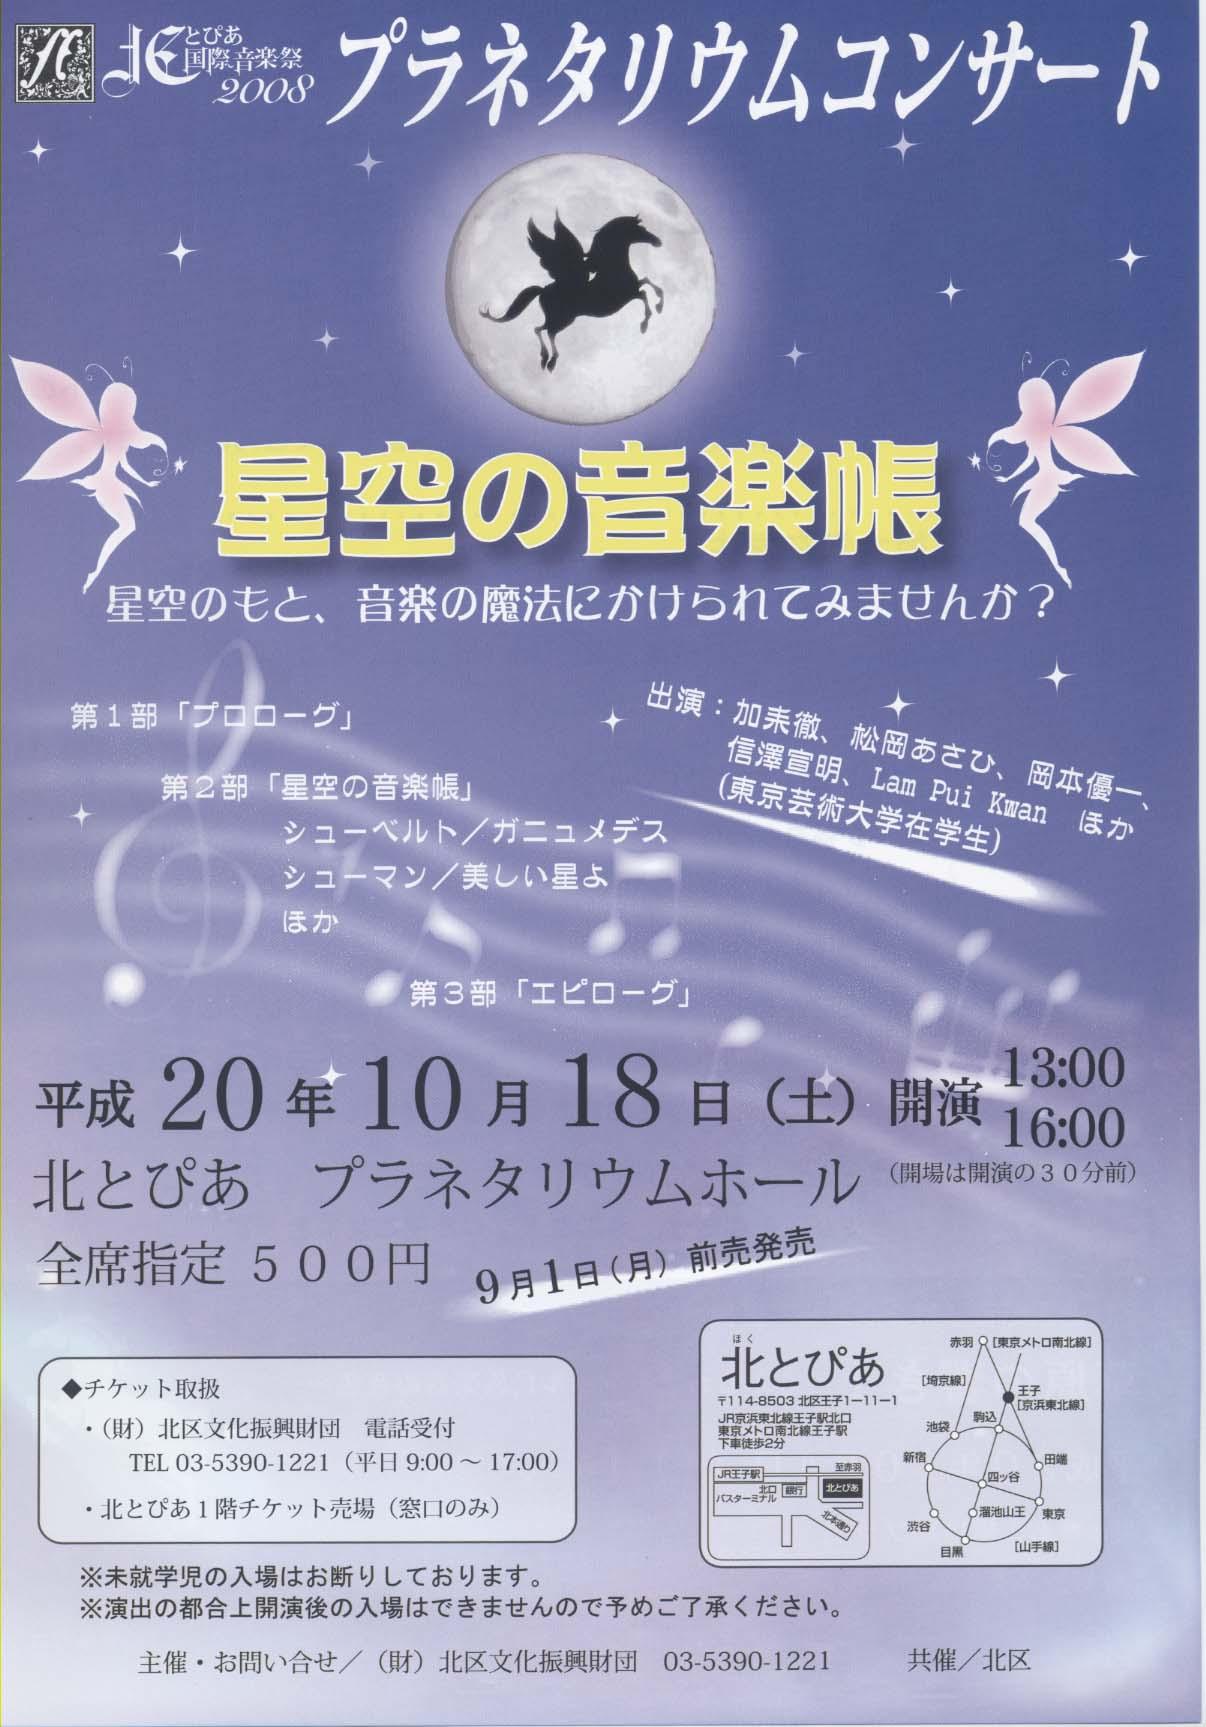 10月18日プラネタリウムコンサート